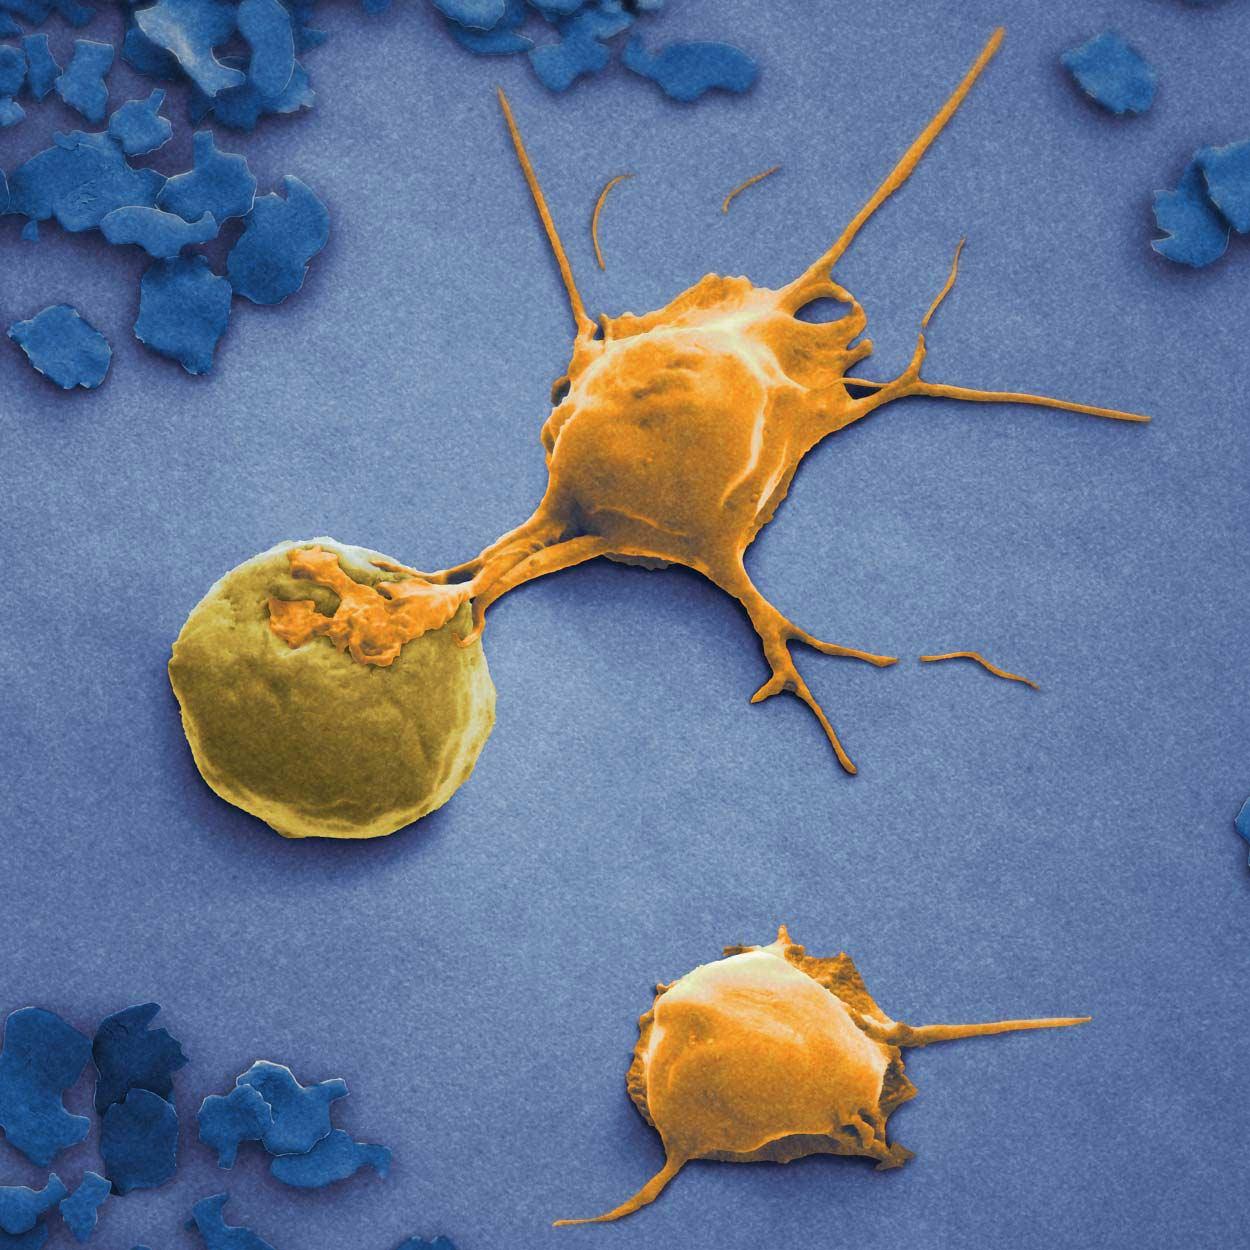 NK cells